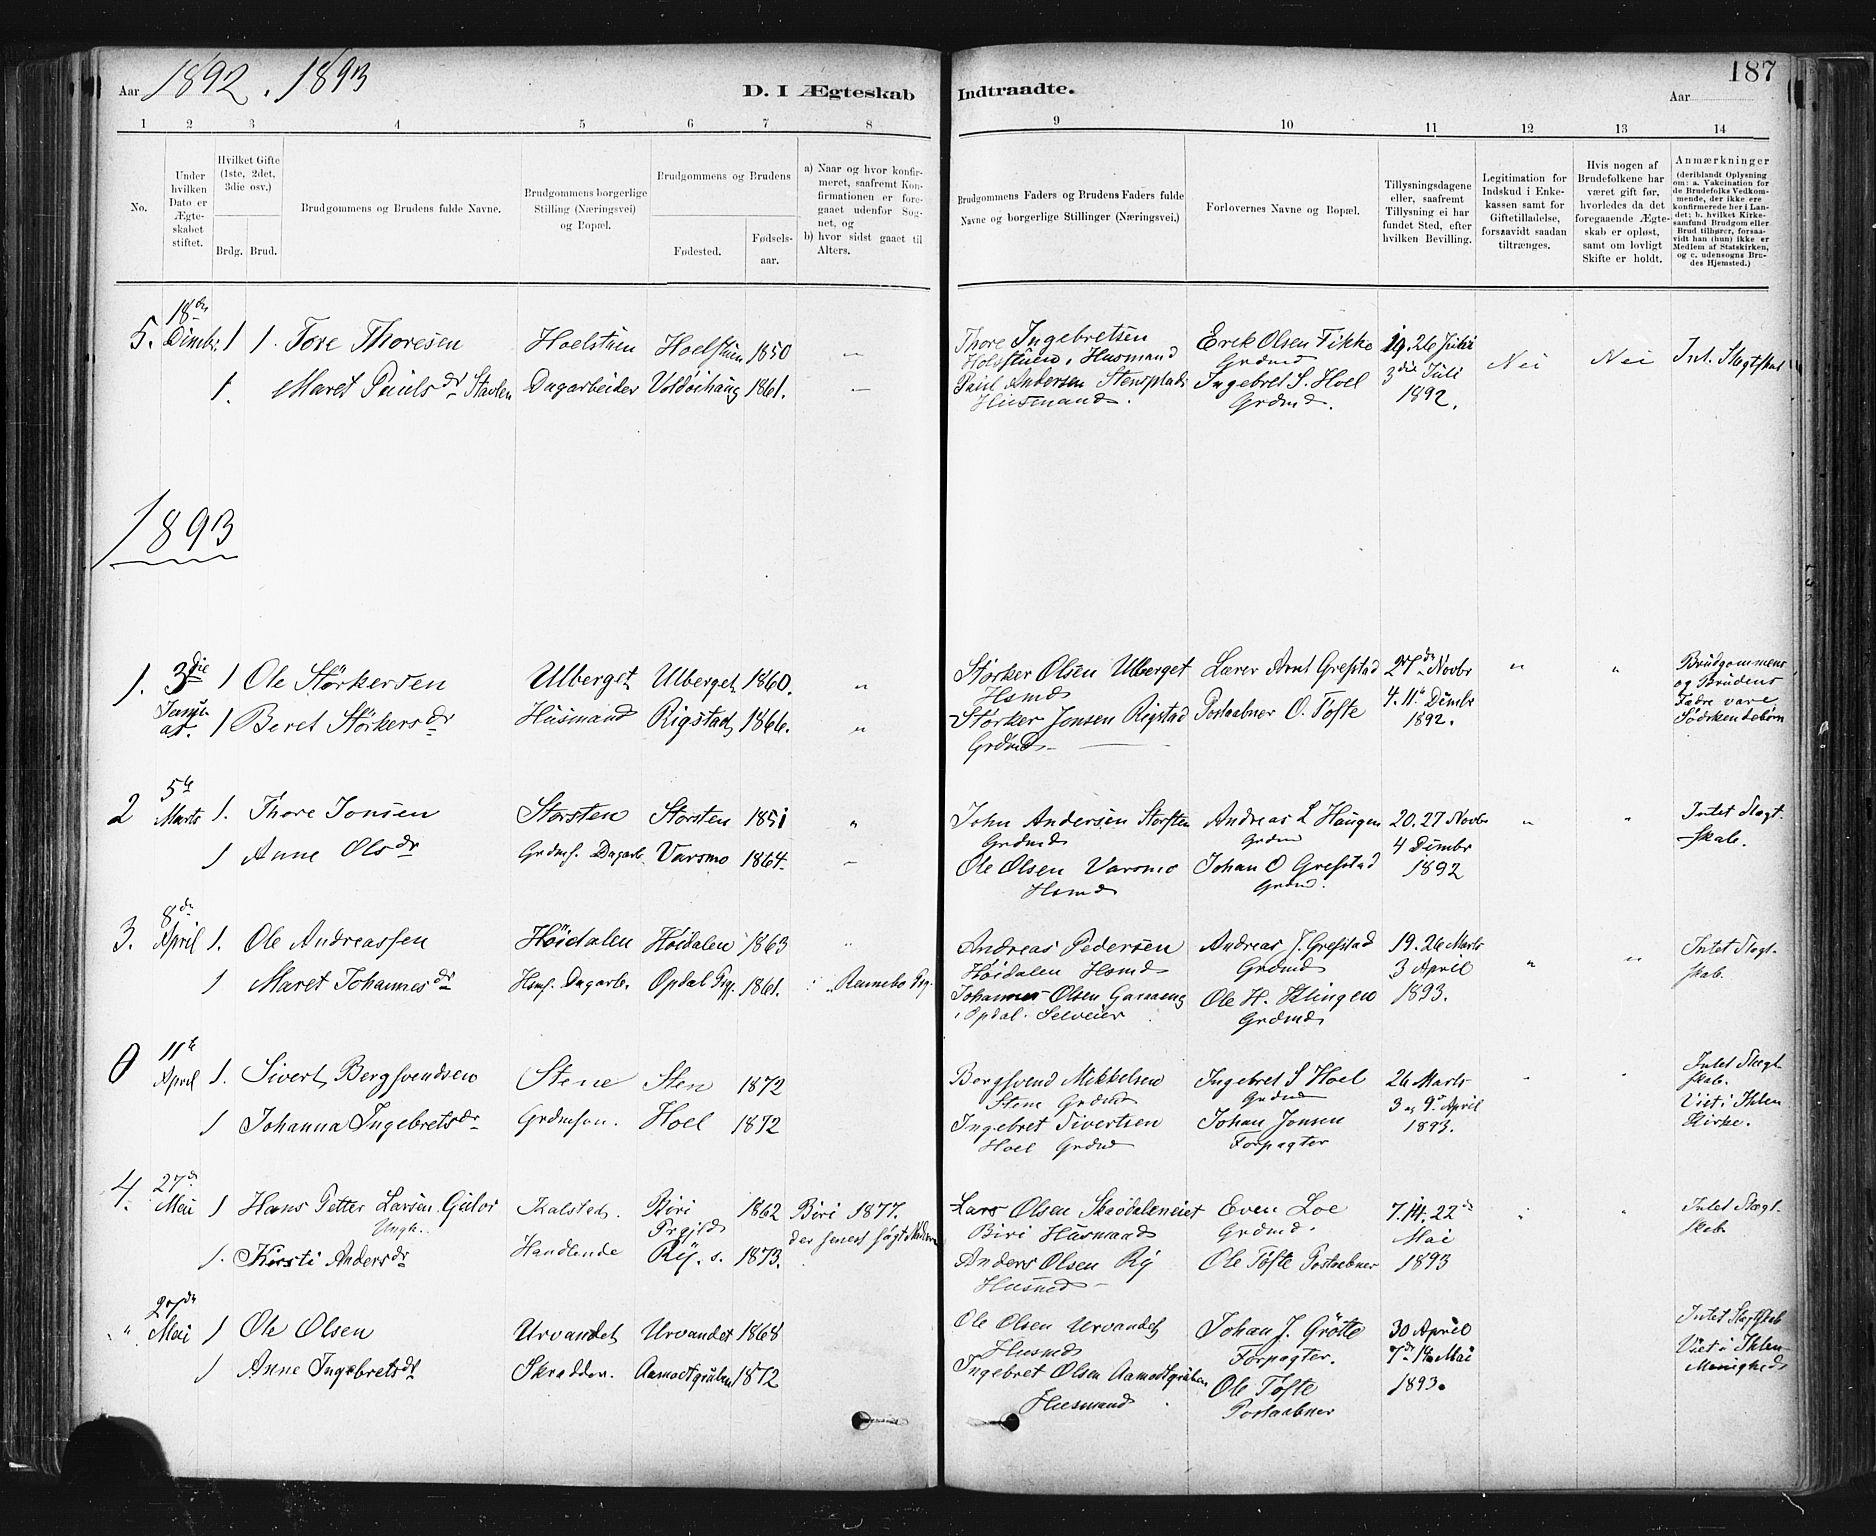 SAT, Ministerialprotokoller, klokkerbøker og fødselsregistre - Sør-Trøndelag, 672/L0857: Ministerialbok nr. 672A09, 1882-1893, s. 187